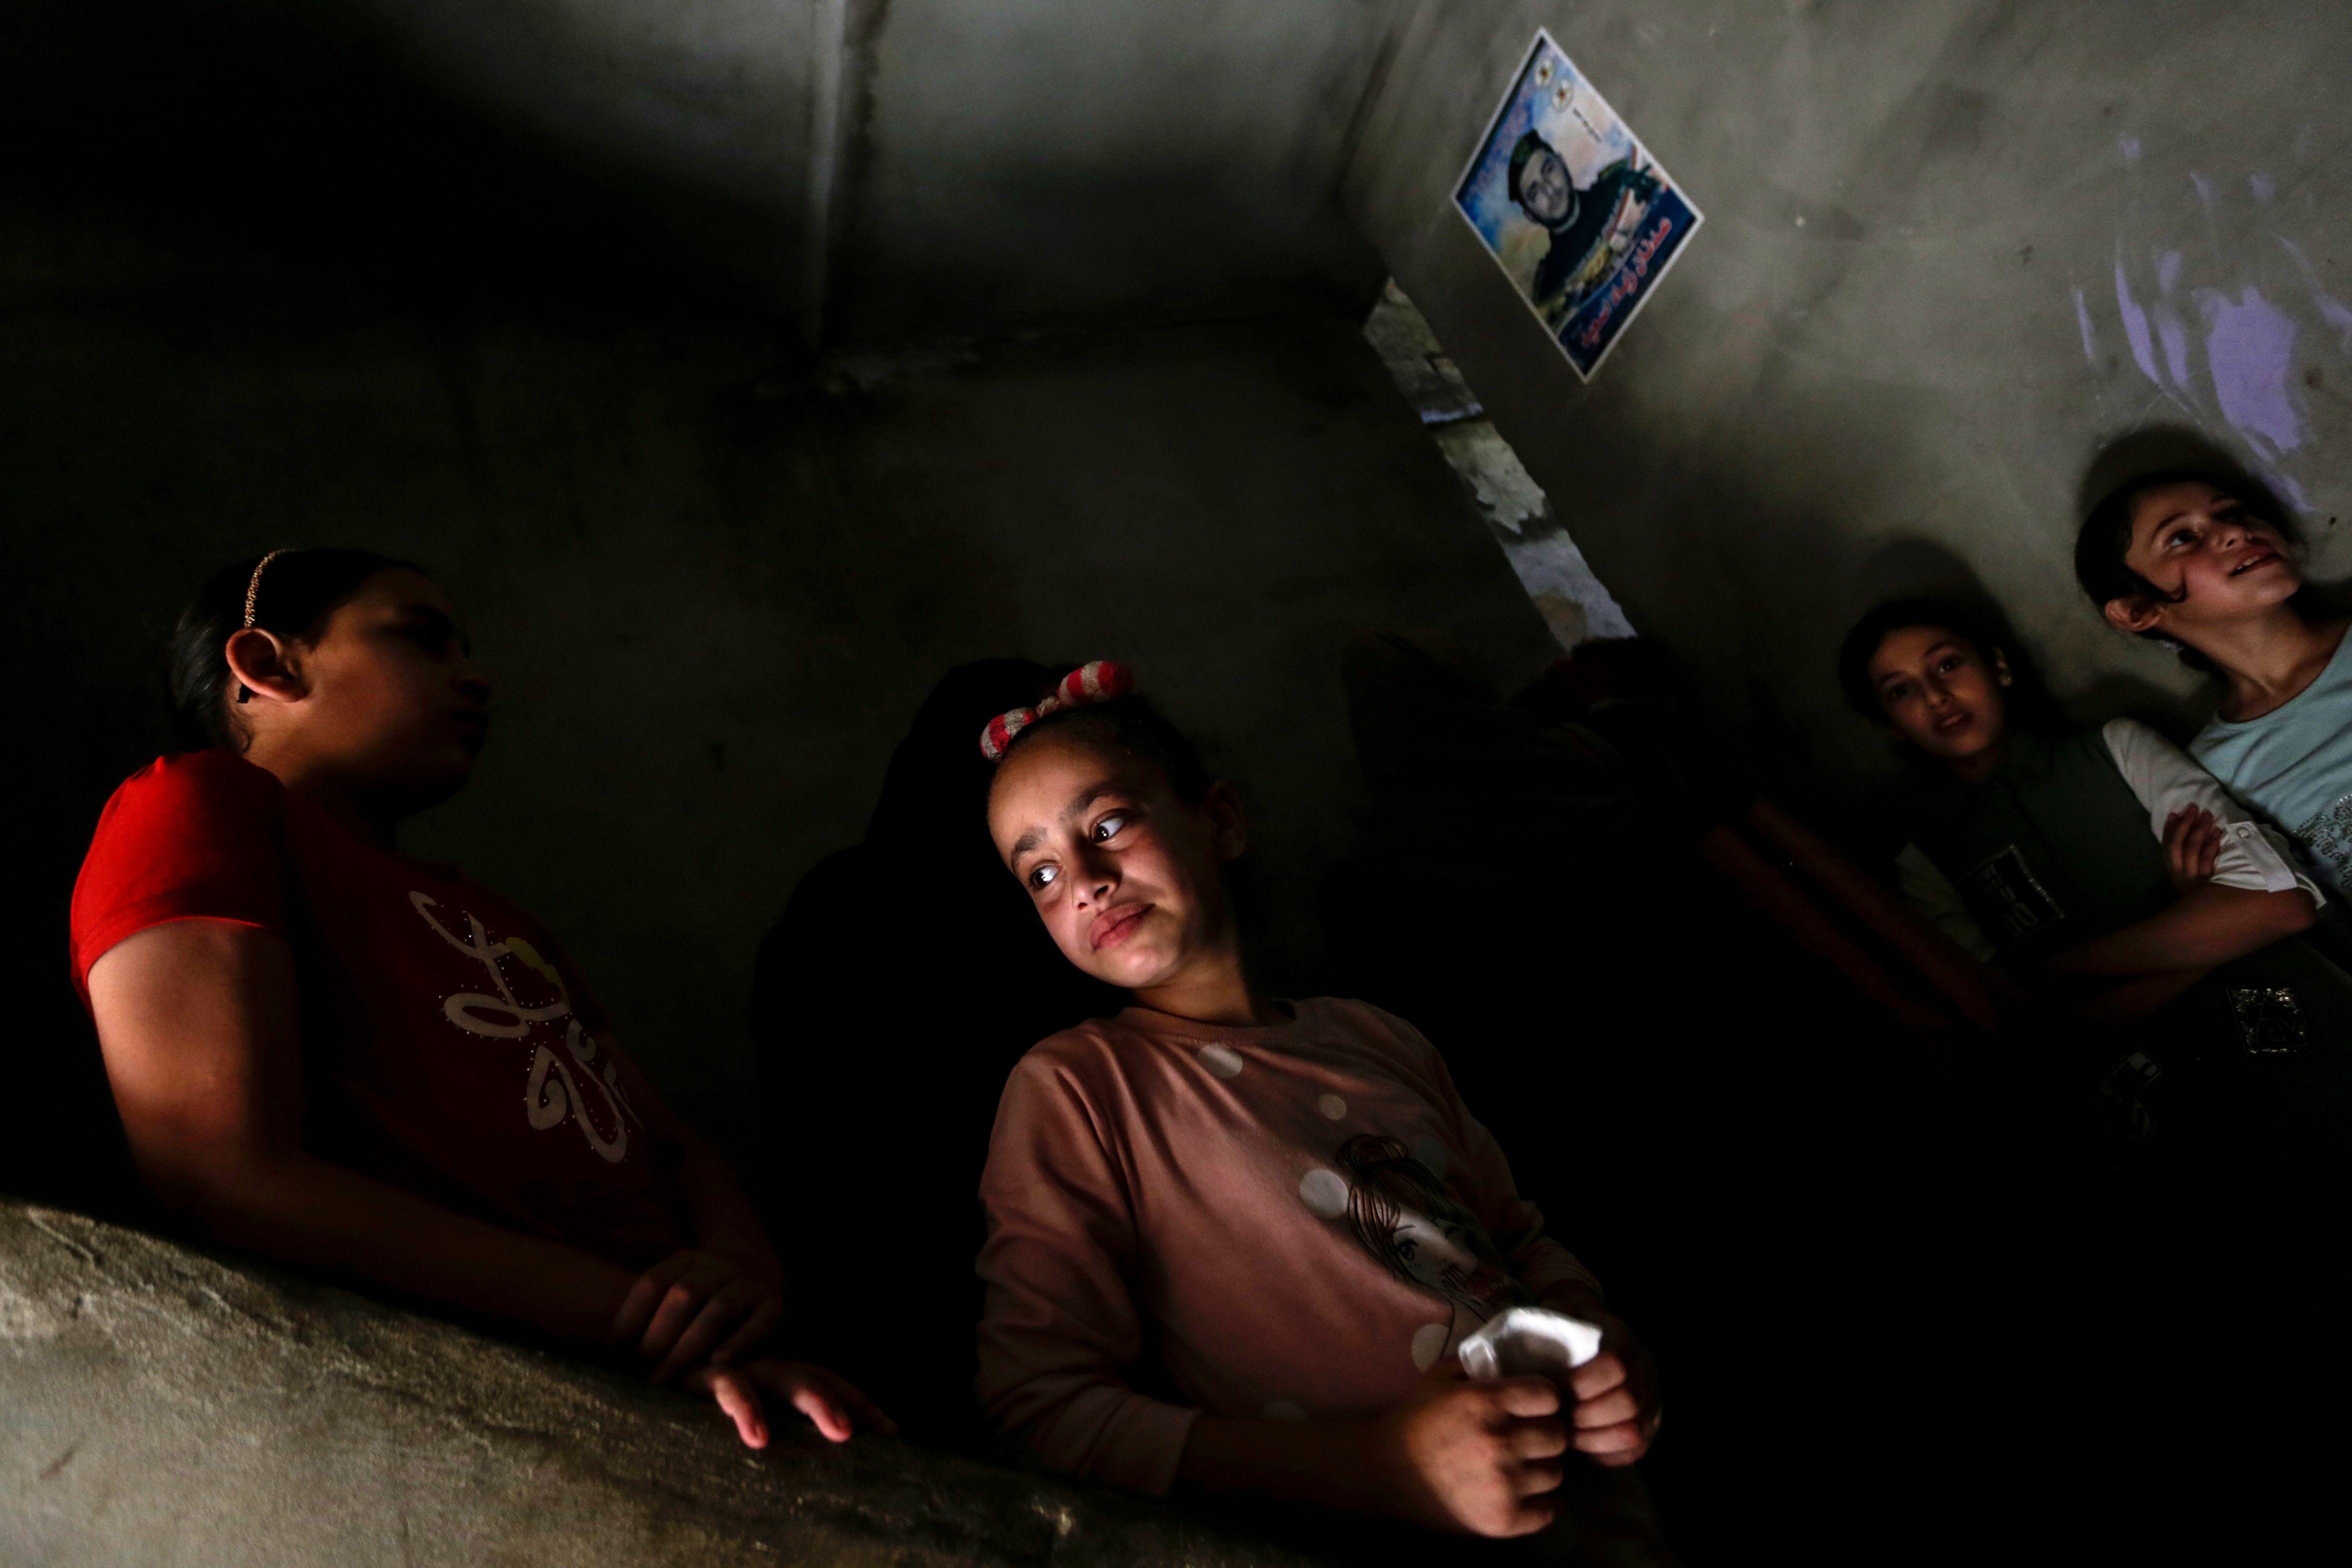 حزن وبكاء الأطفال الفلسطينيين على الشهداء